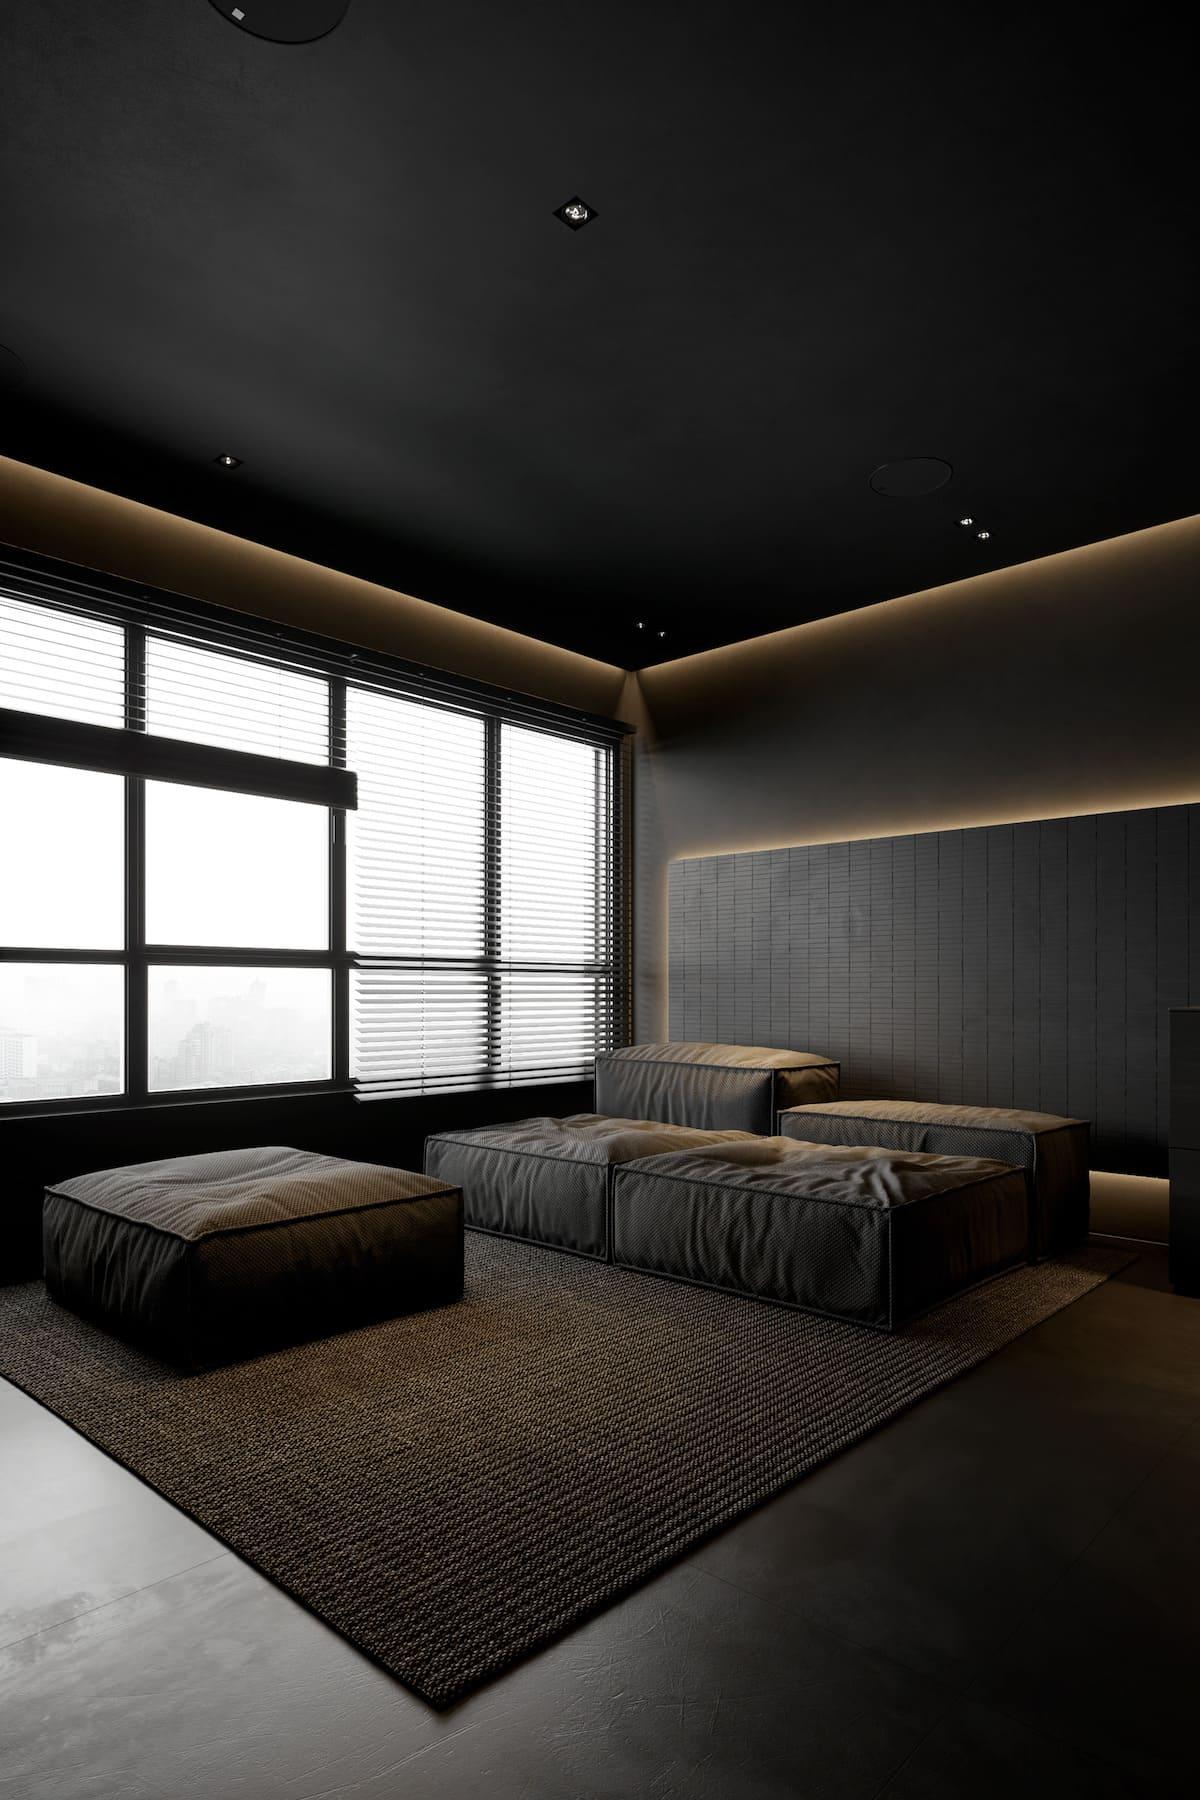 красивый дизайн потолка фото 38